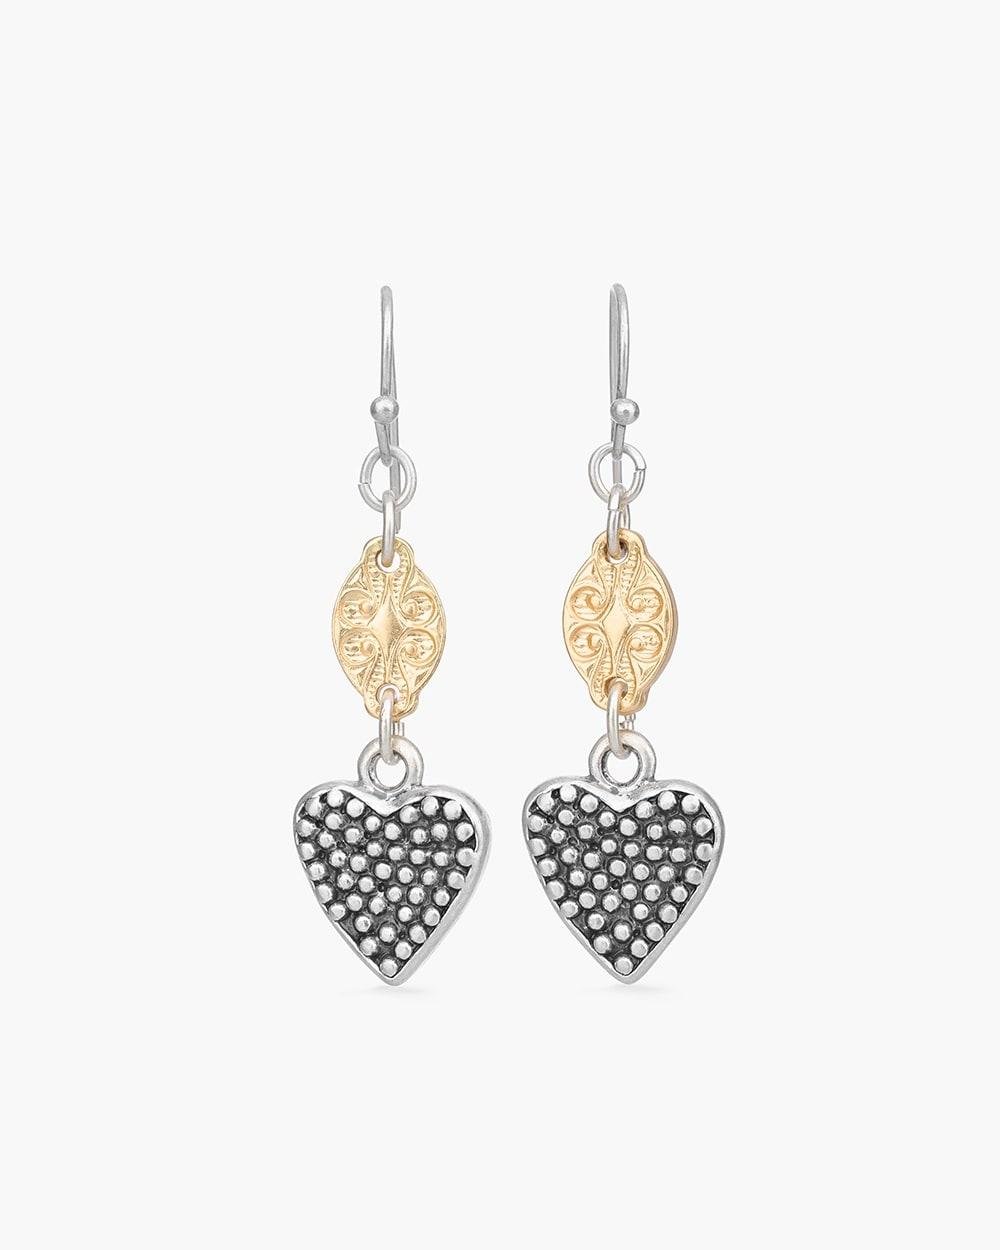 5b205609d 570252421. Video. Zoom. Mixed-Metal Heart Linear Earrings